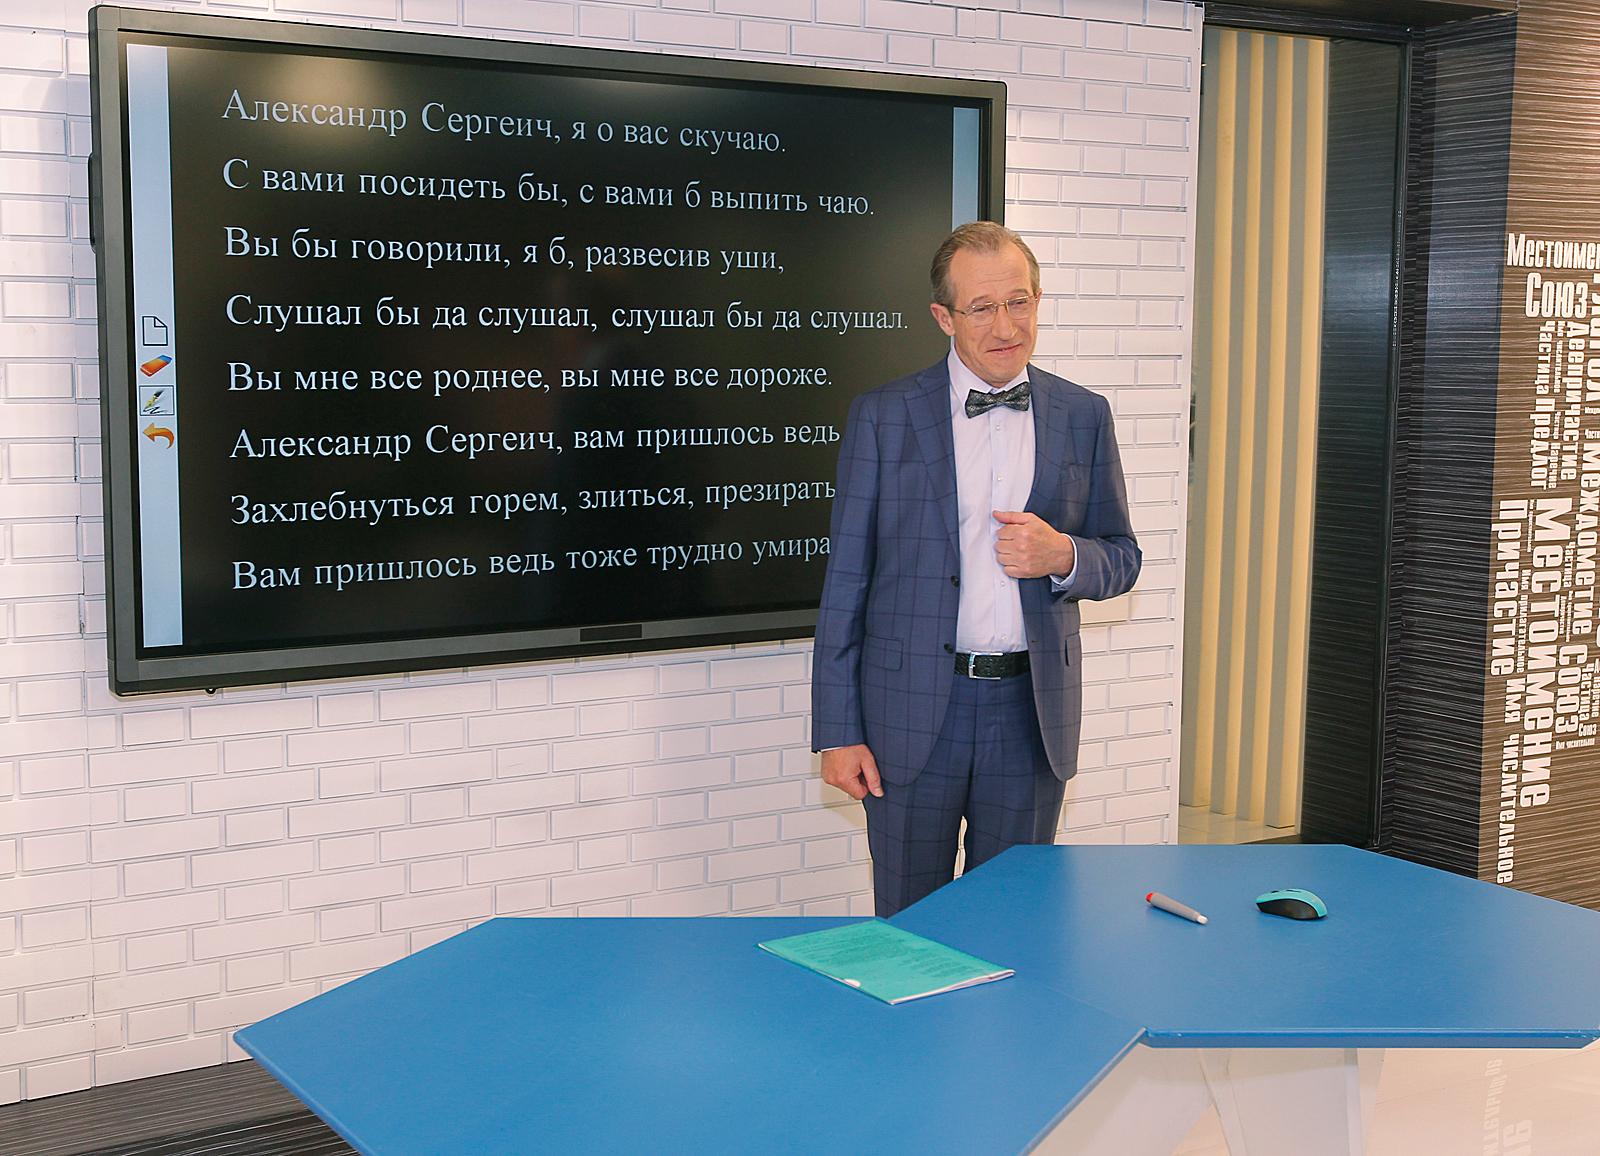 Телеканал спорт смотреть онлайн прямой эфир бесплатно россия 18 фотография